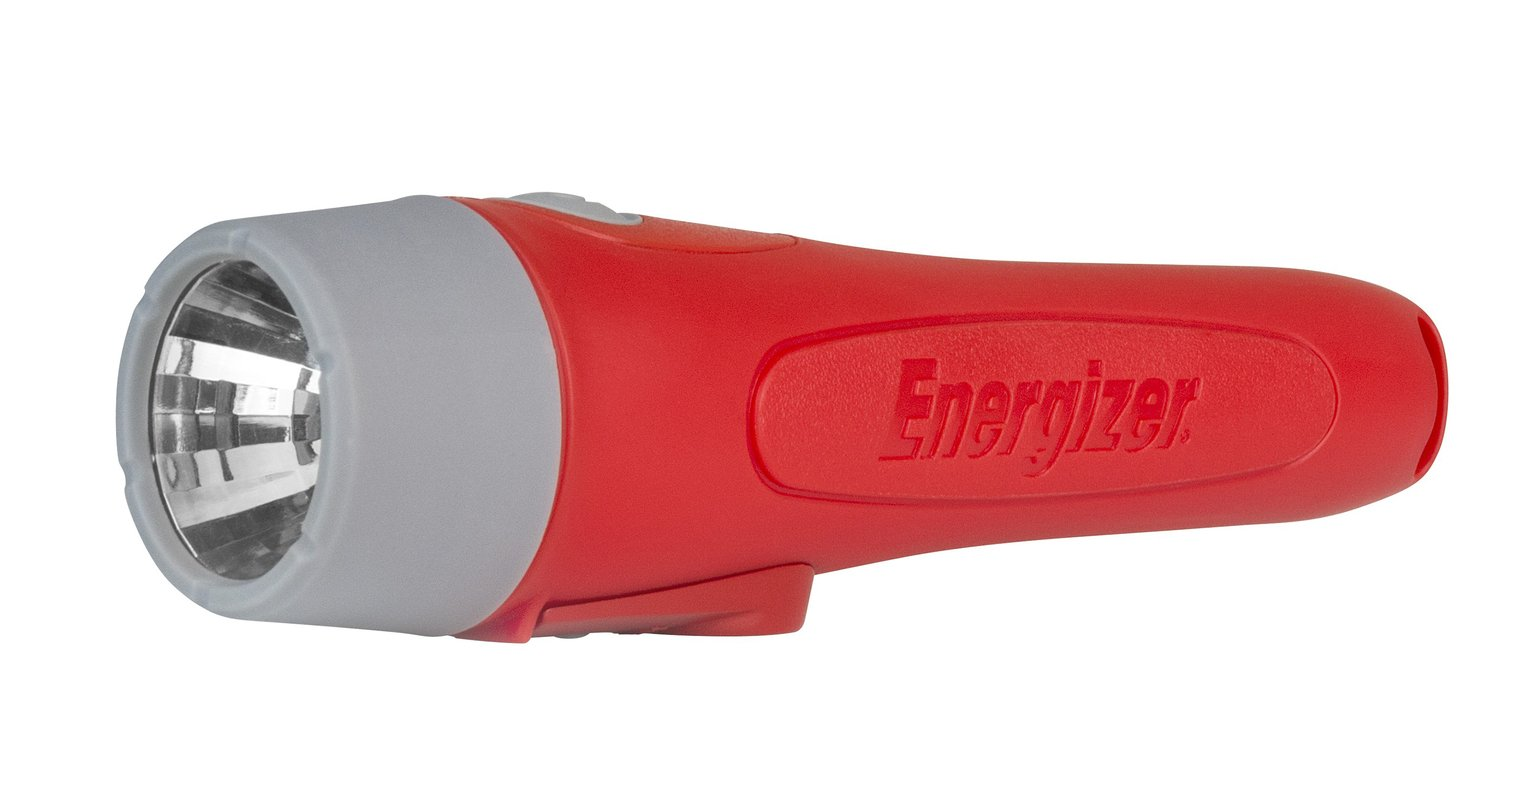 Energizer Magnet Metal Torch